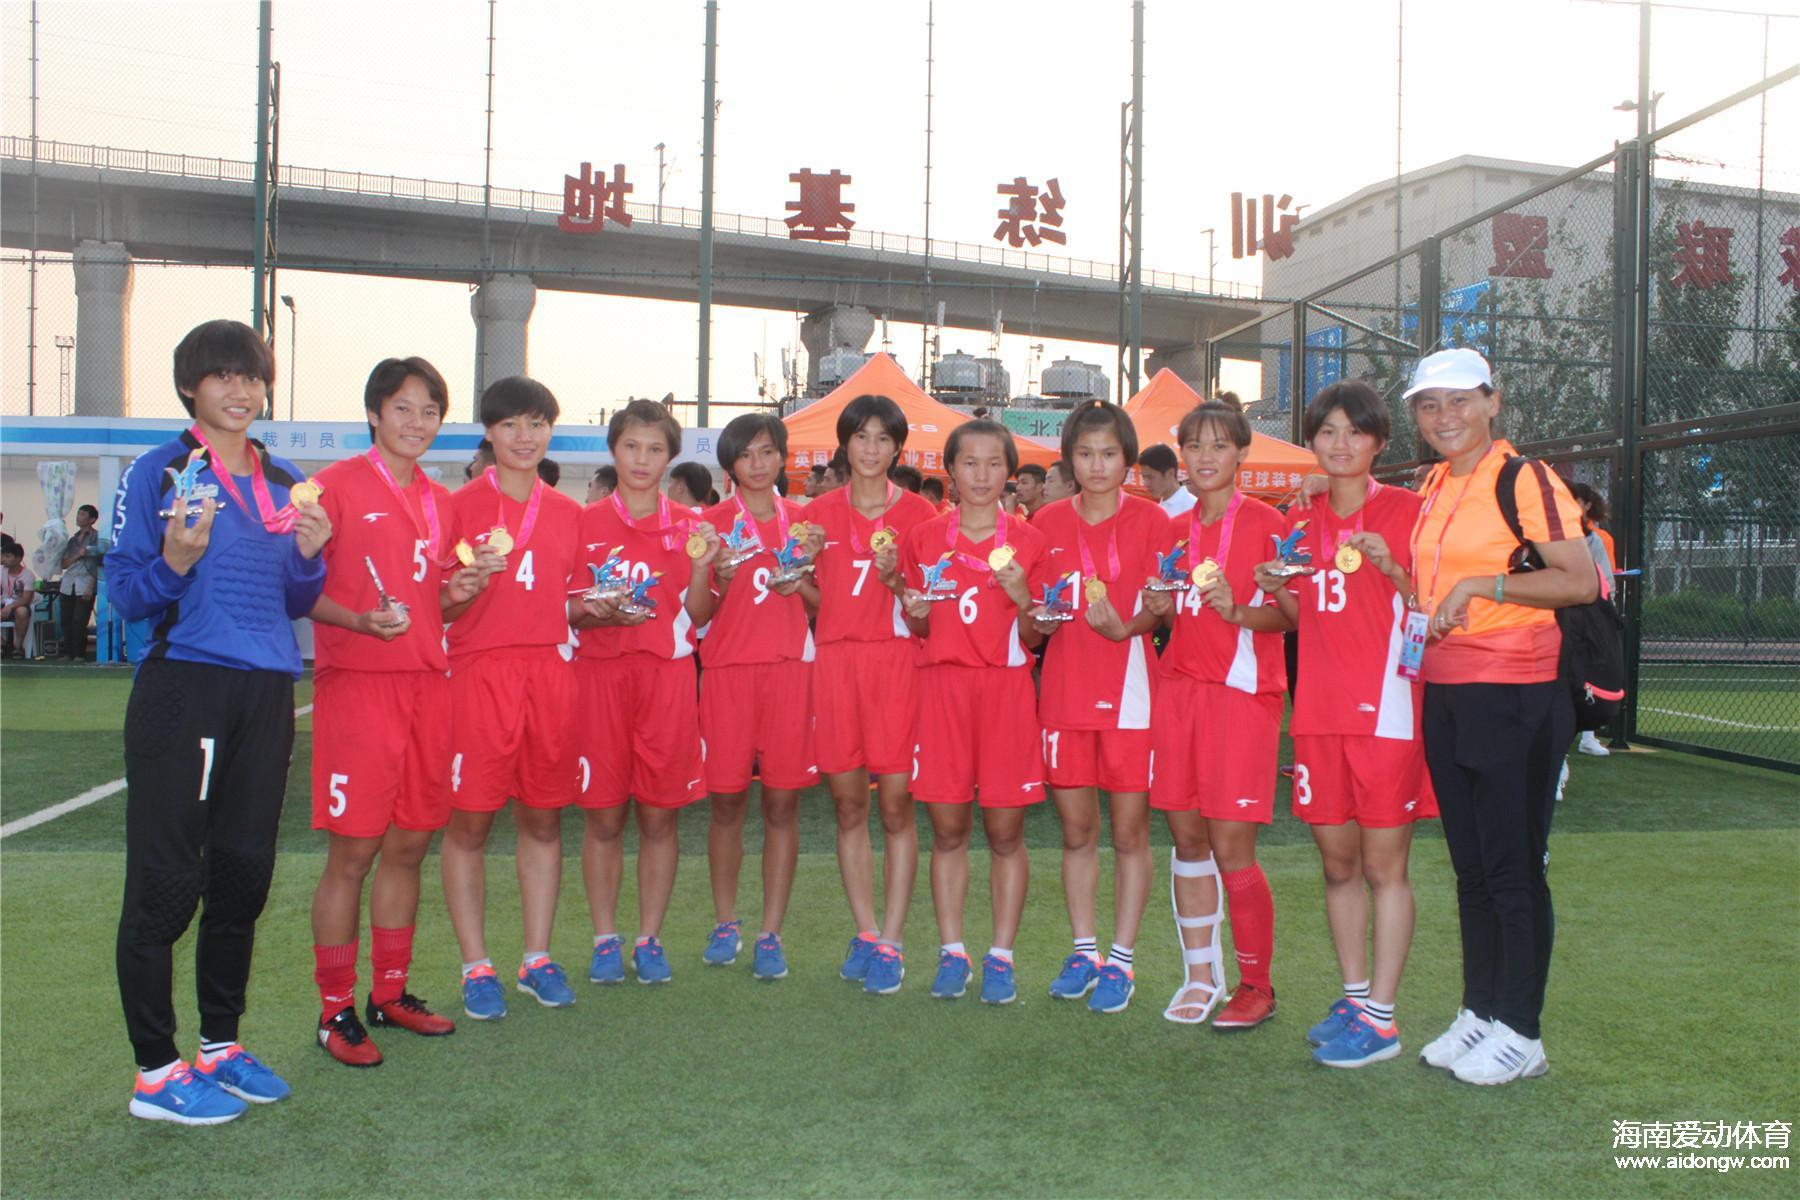 祝贺!琼中女足2人入选U19国家女足集训队